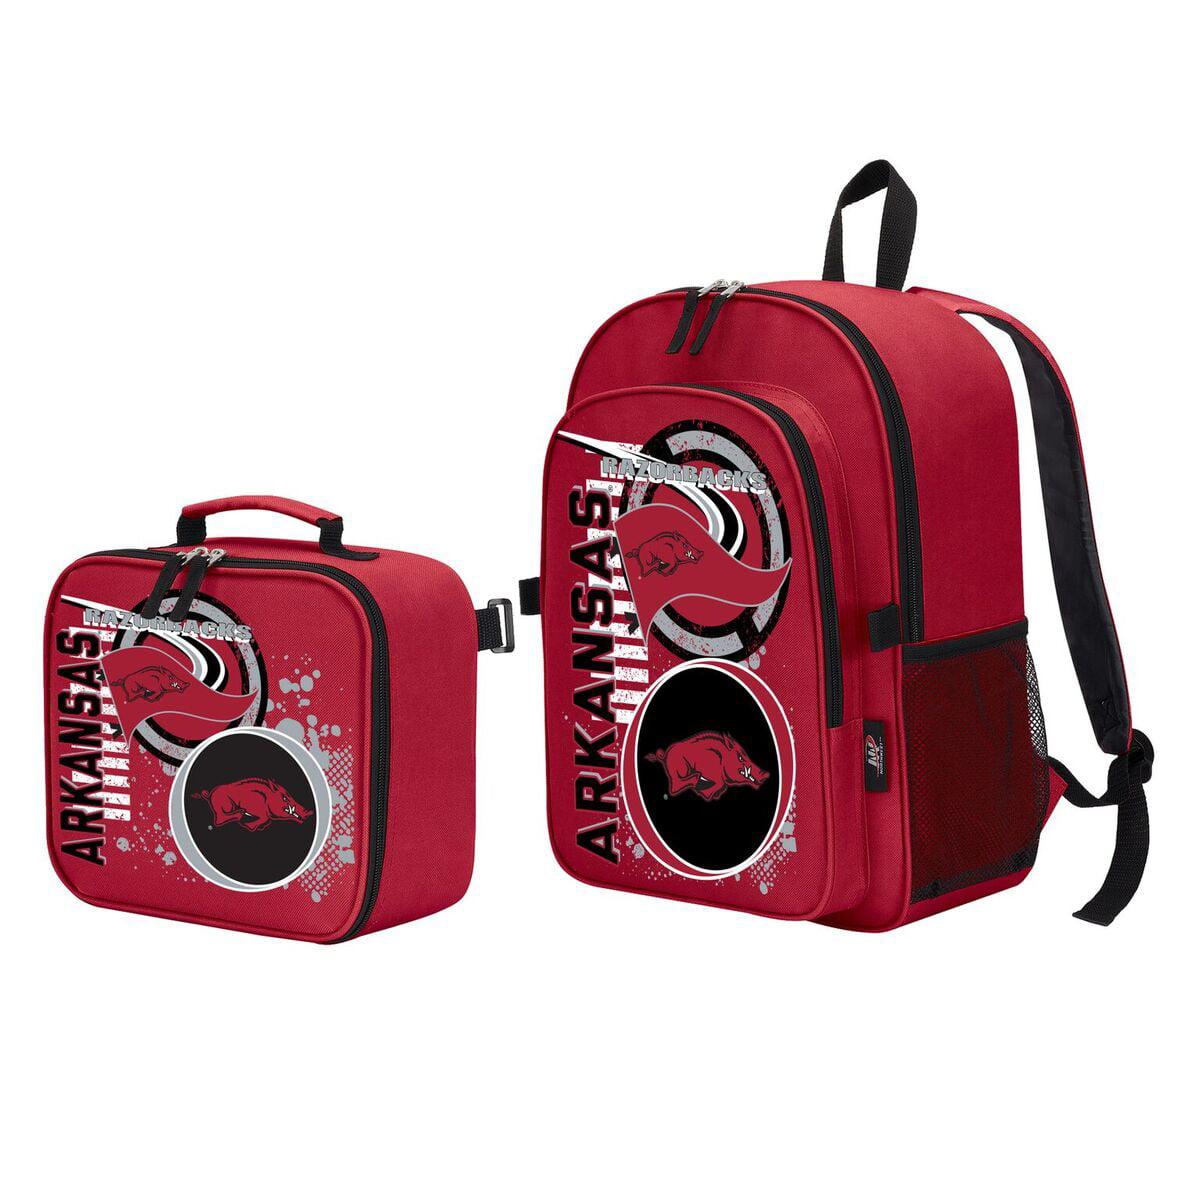 """Arkansas Razorbacks """"Accelerator"""" Backpack and Lunch Kit Set"""